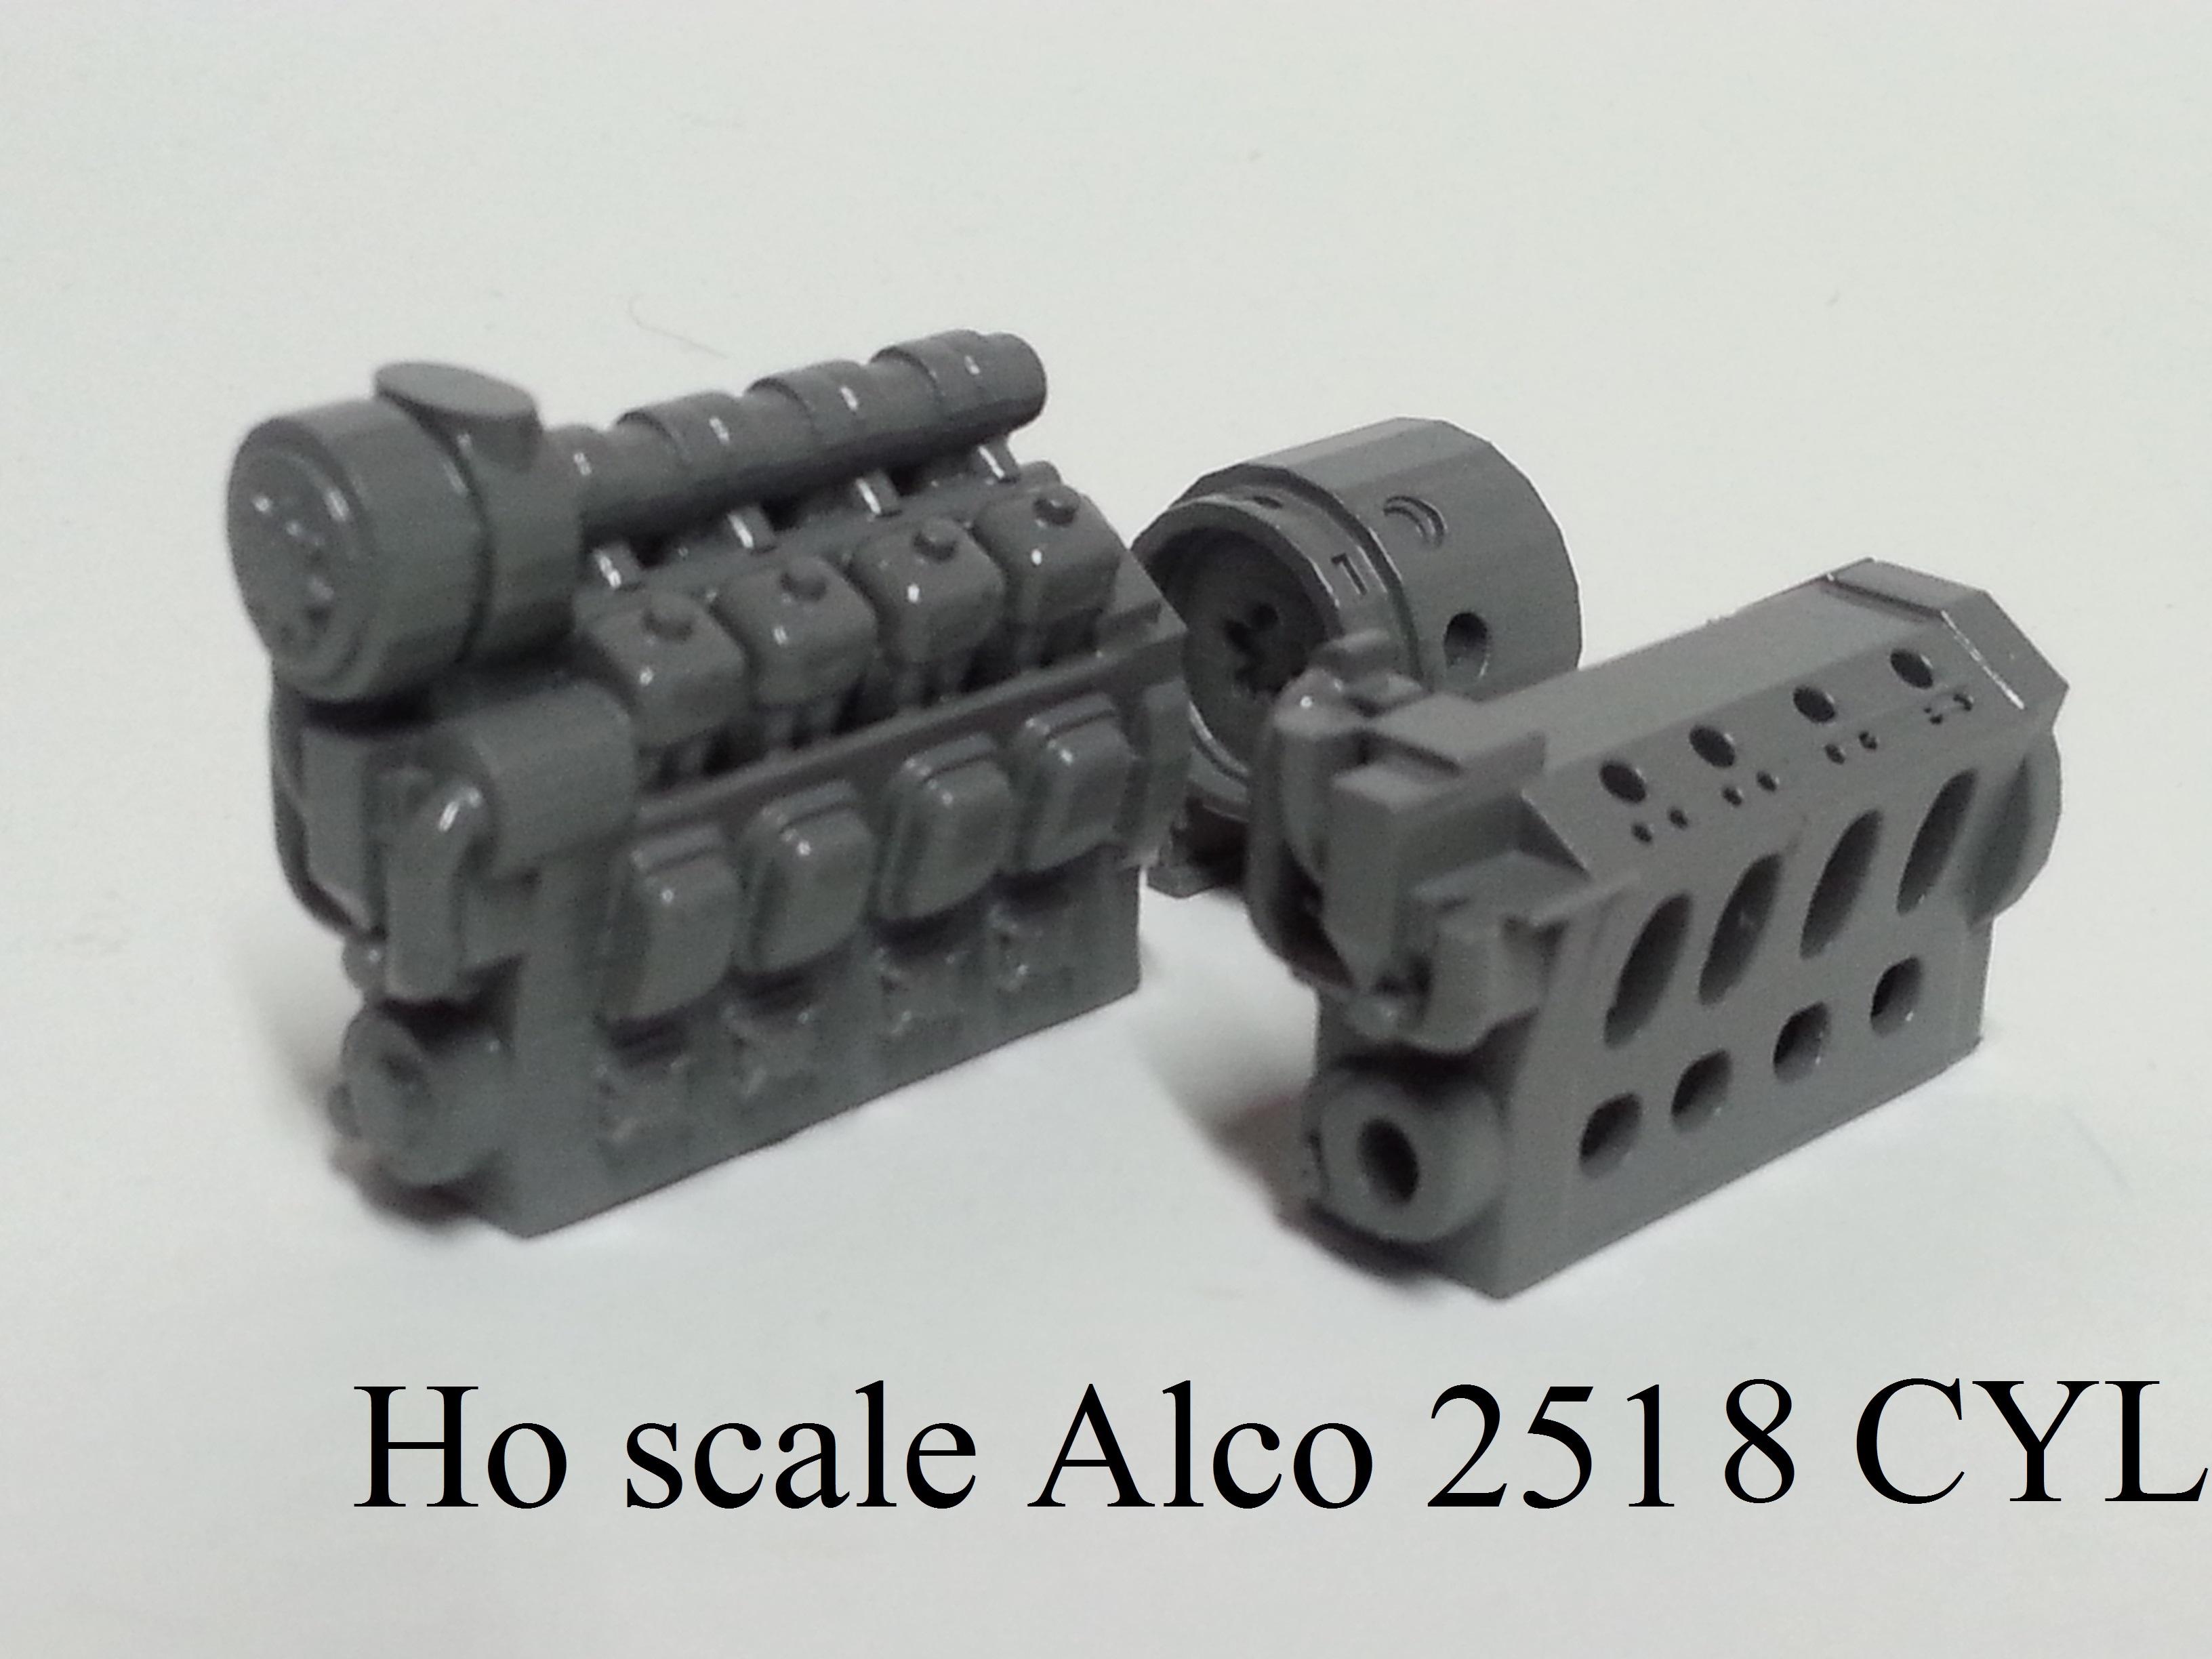 Ho scale Alco 251 8 cyl. Prime Mover